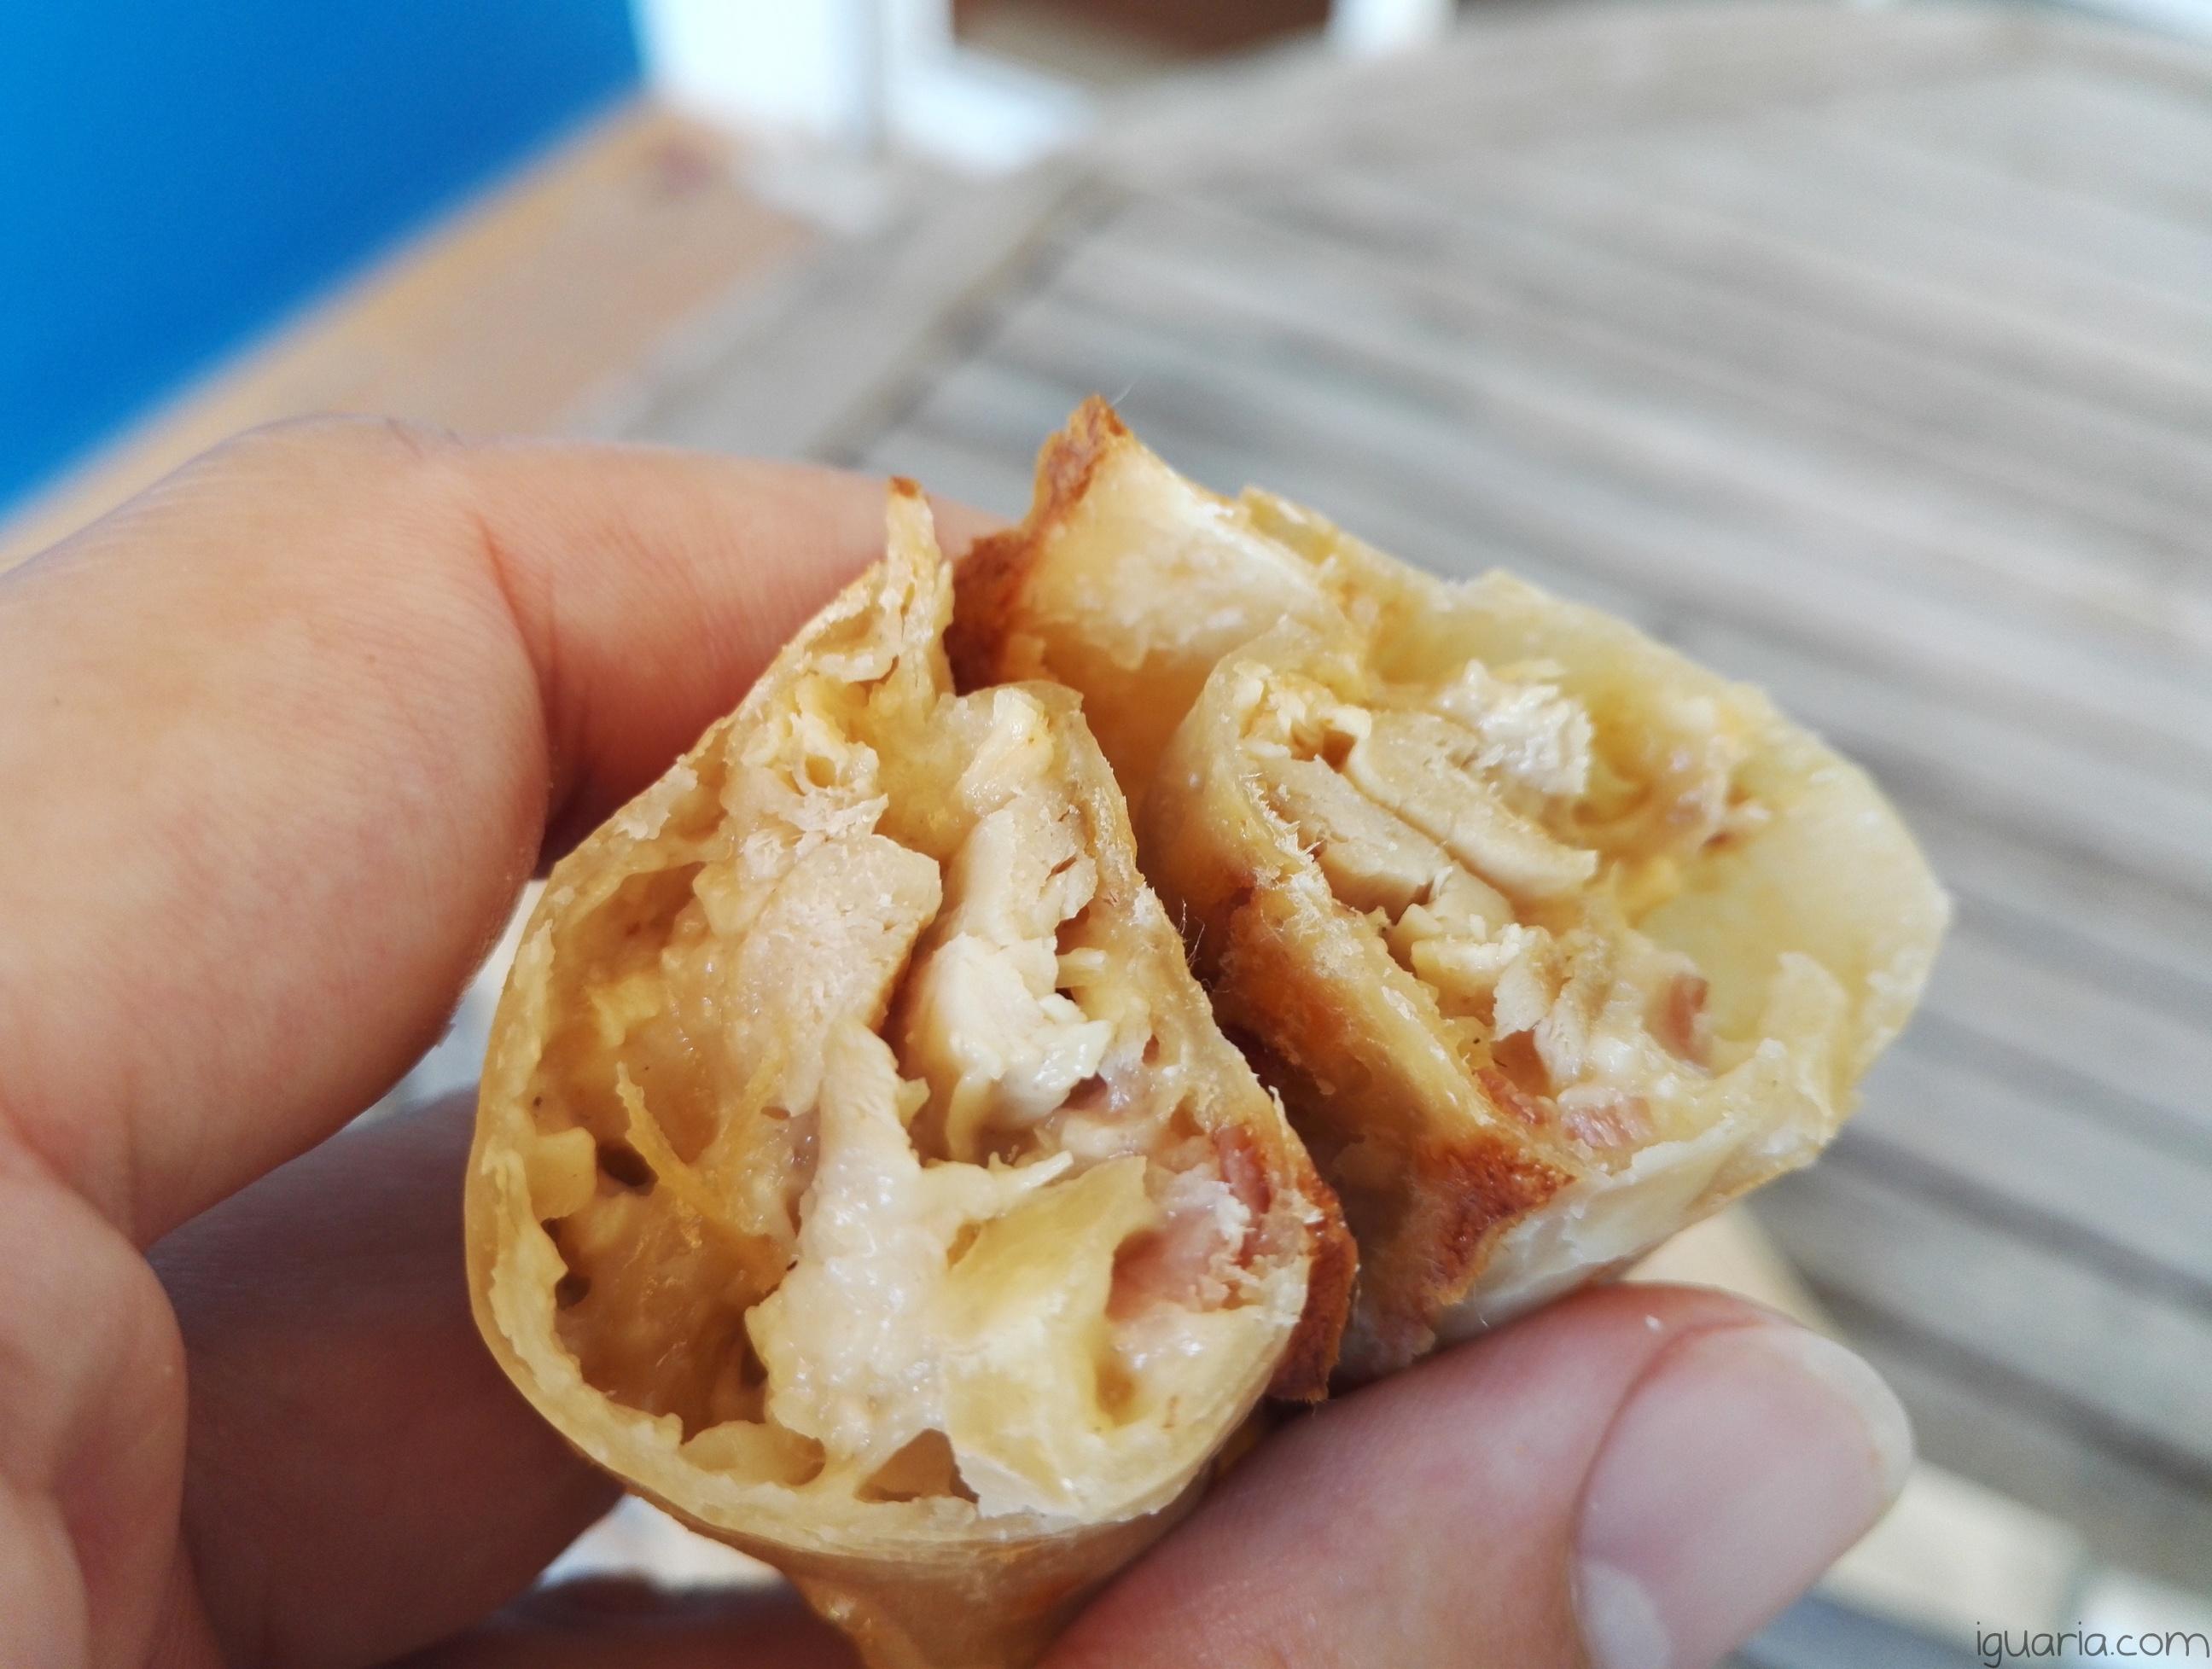 iguaria-bolinho-de-frango